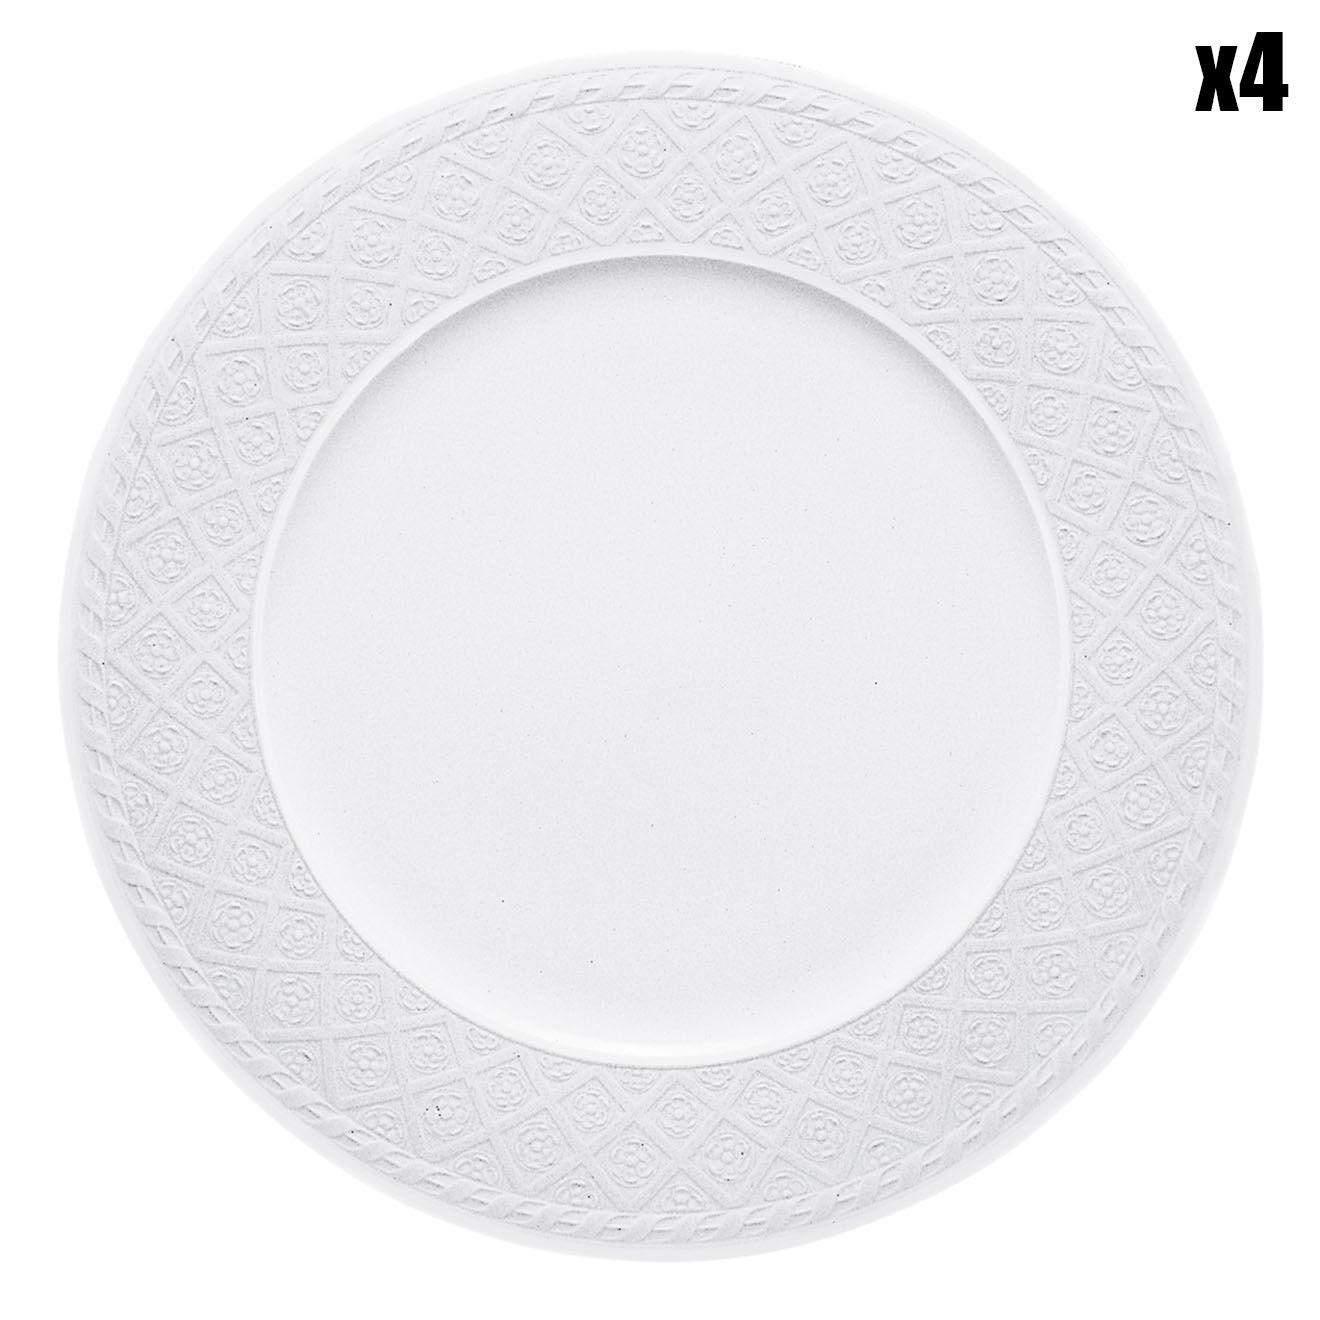 4 Assiettes d'accueil Cellini blanches - D.31 cm